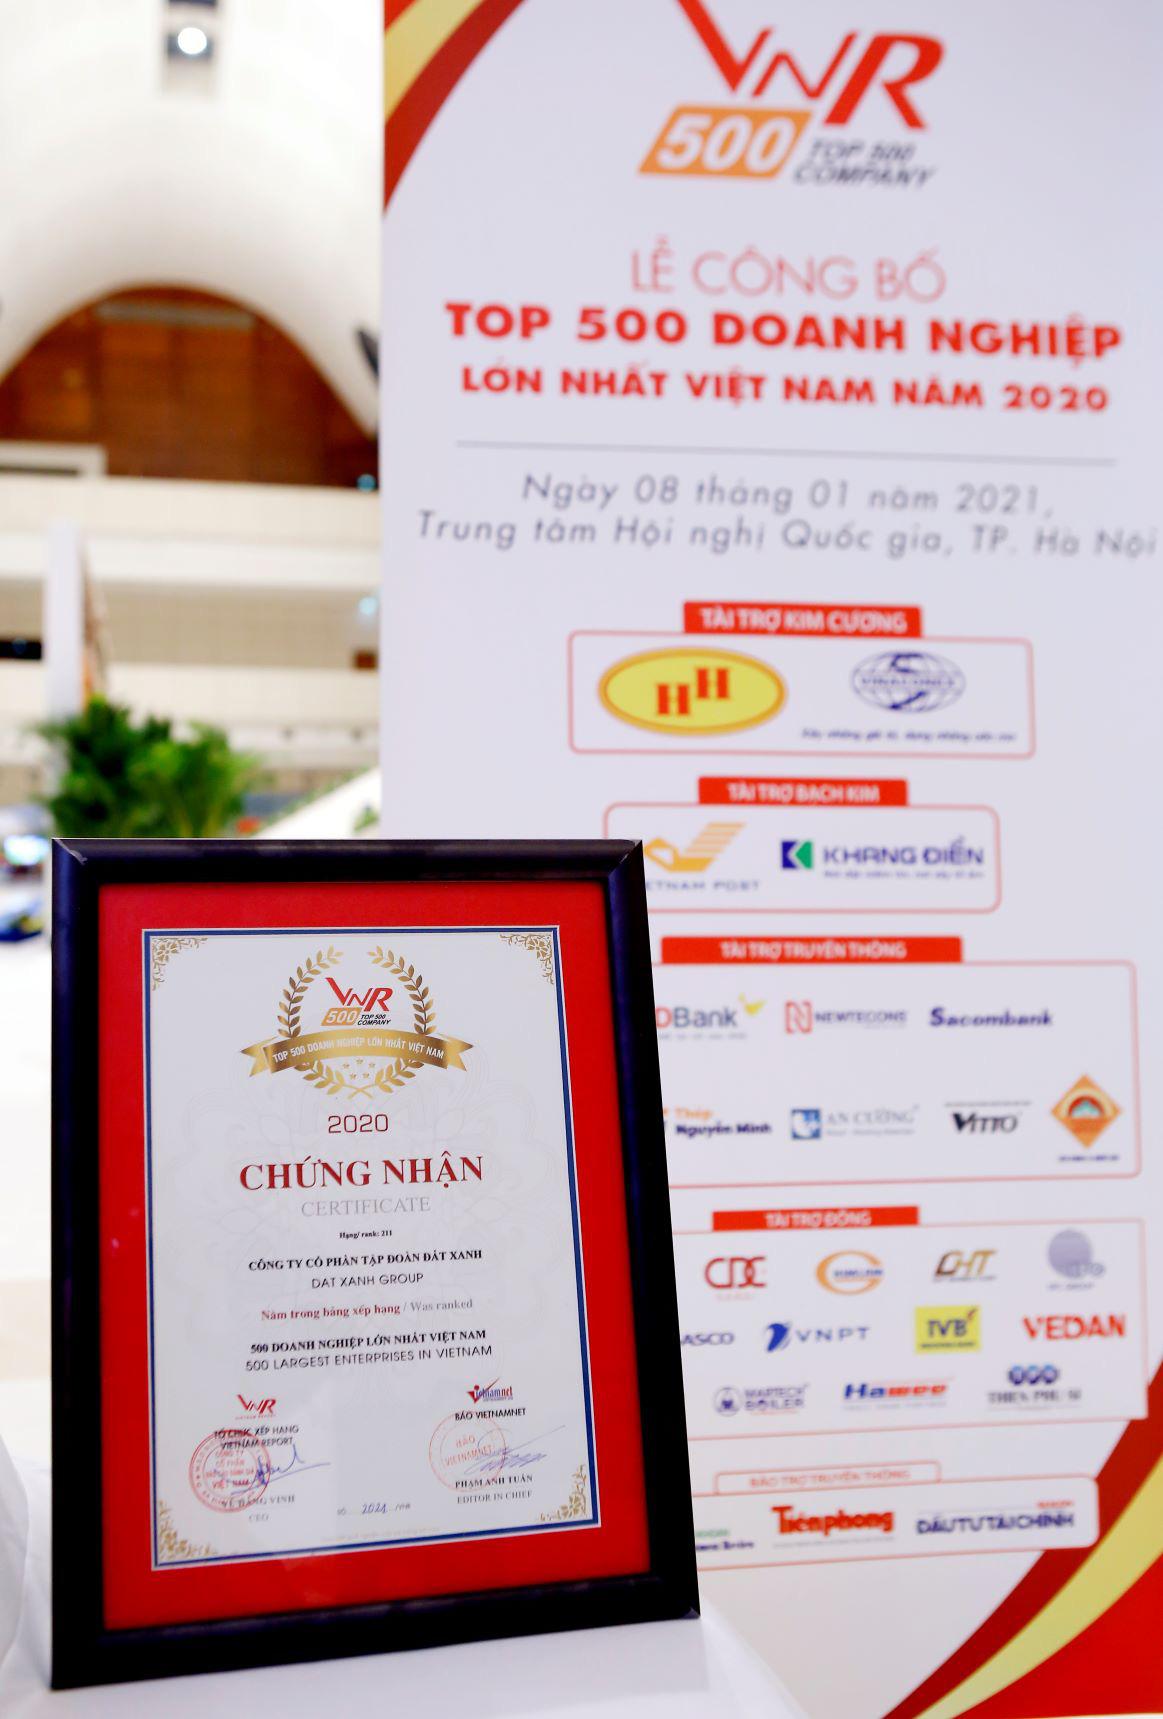 Tập đoàn Đất Xanh tiếp tục được vinh danh Top 10 doanh nghiệp BĐS tư nhân lớn nhất Việt Nam năm 2020 - Ảnh 2.